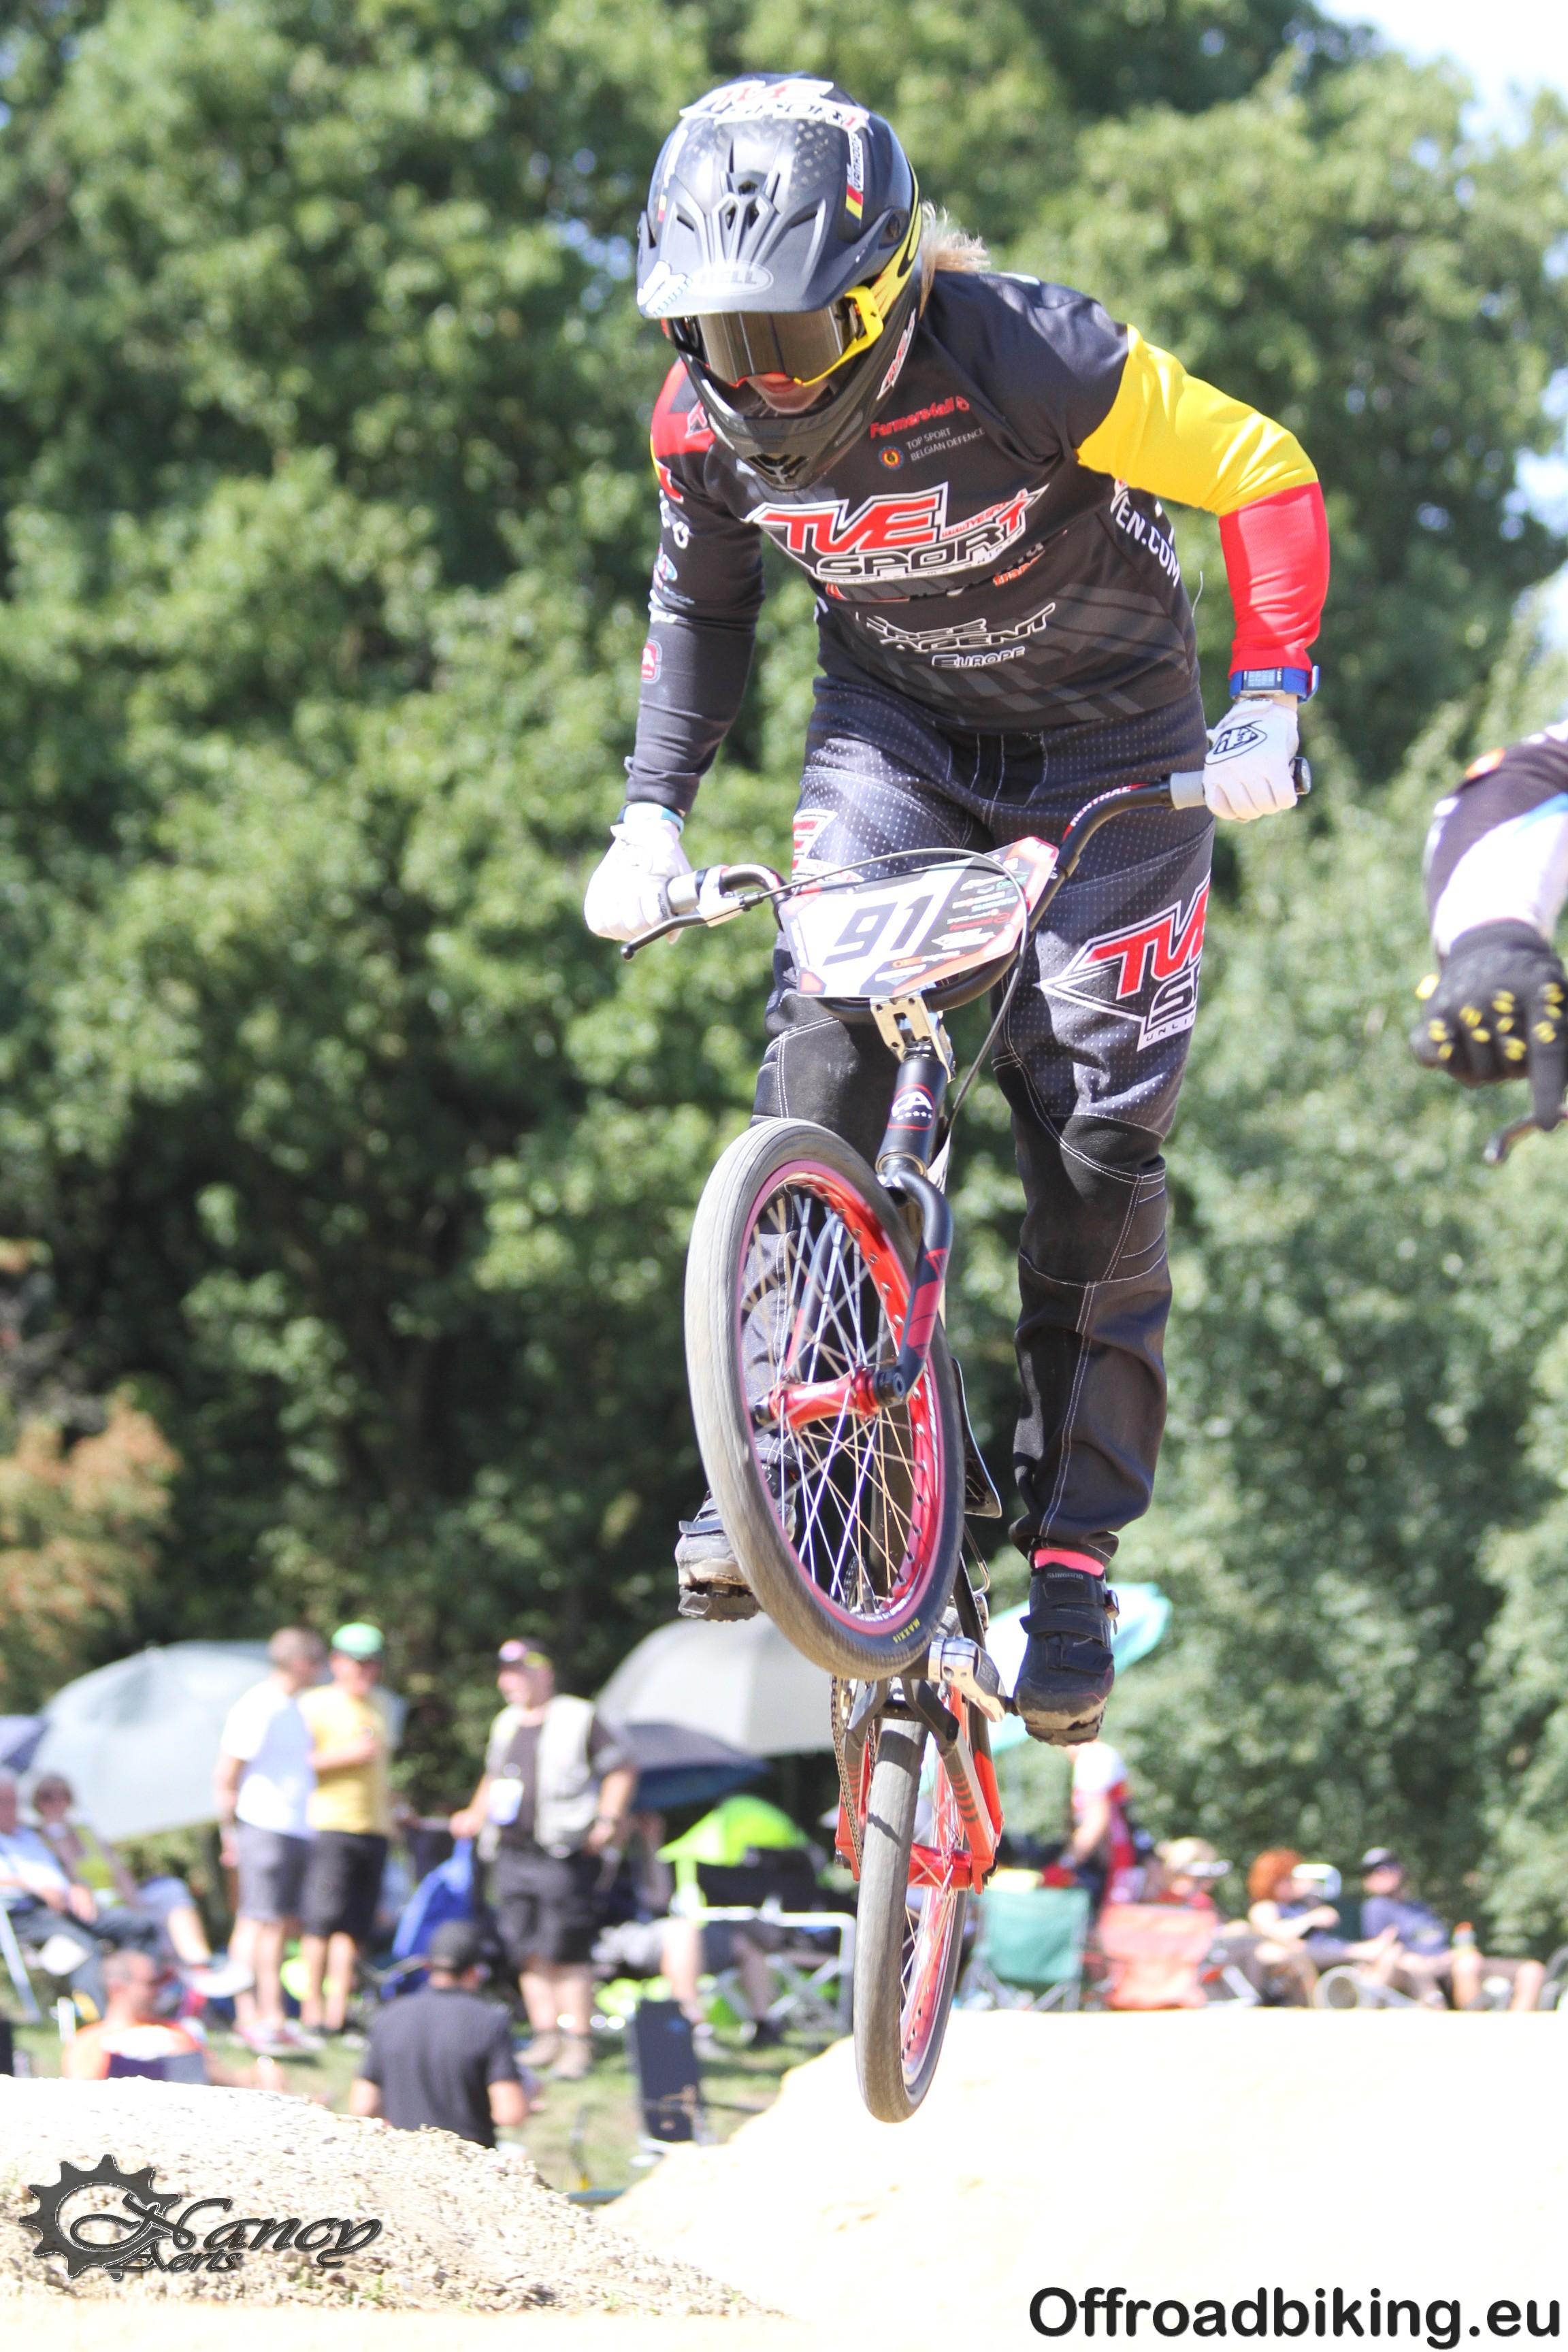 Elke Vanhoof geselecteerd voor WB BMX Supercross Santiago Del Estero